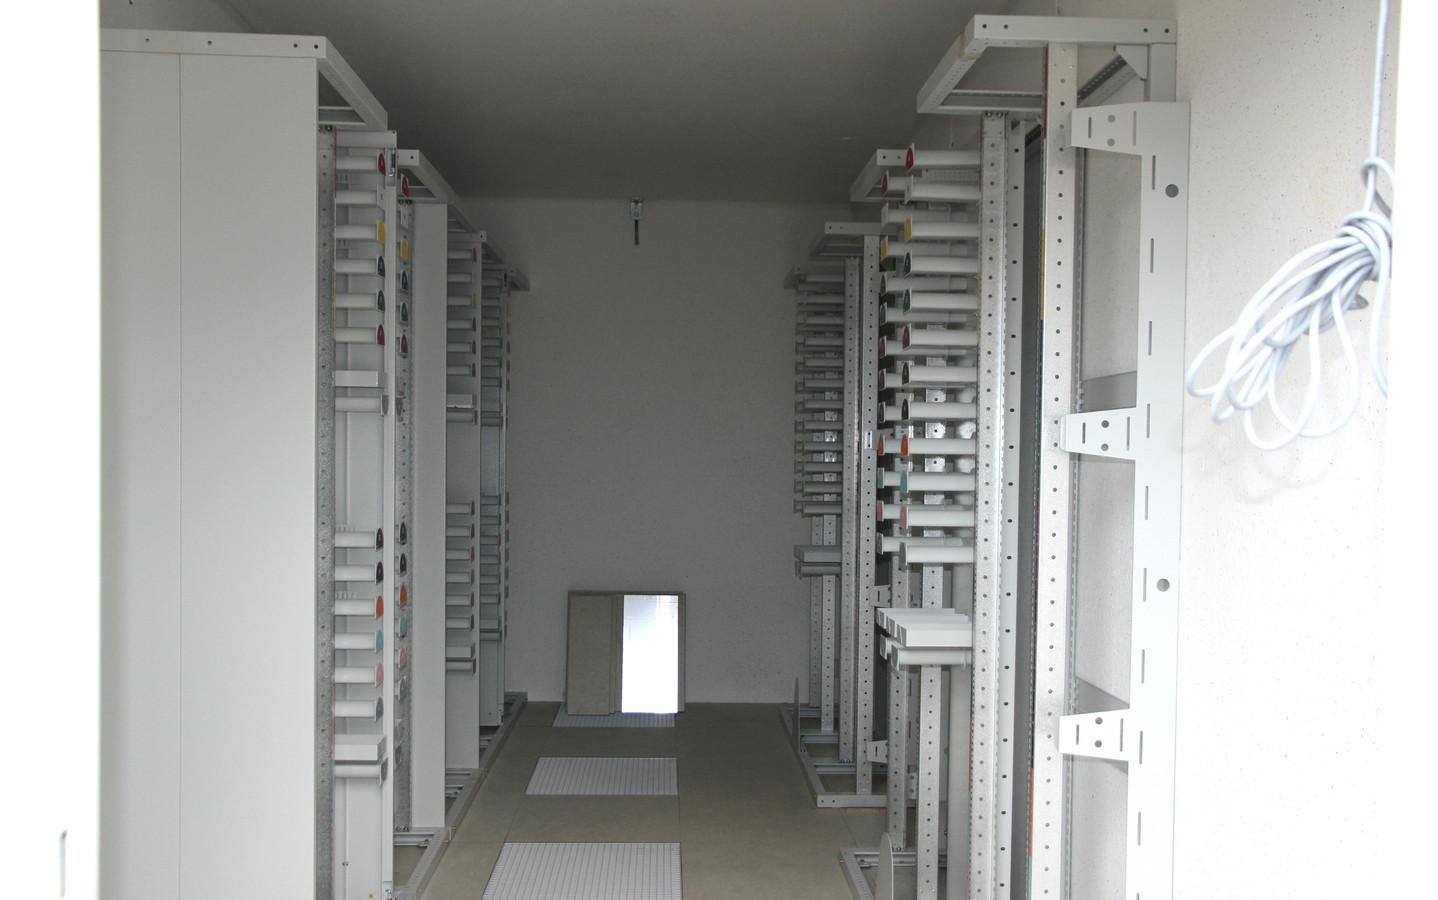 De binnenkant van het schakelstation in Wanroij.